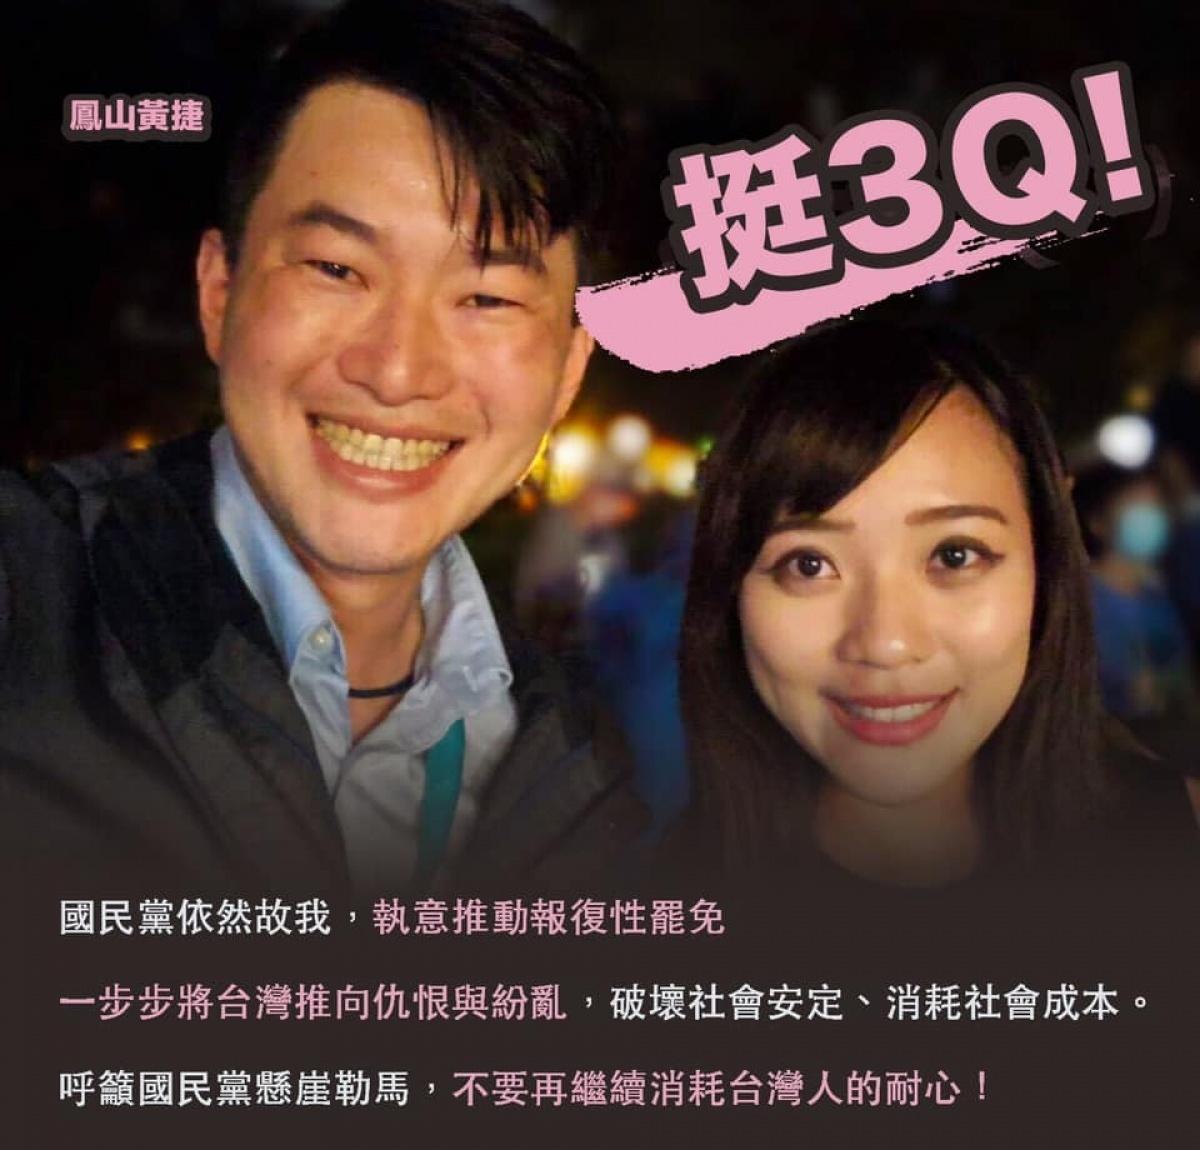 陳柏惟罷免連署一階通過 黃捷:國民黨推報復性罷免 將台灣推向仇恨